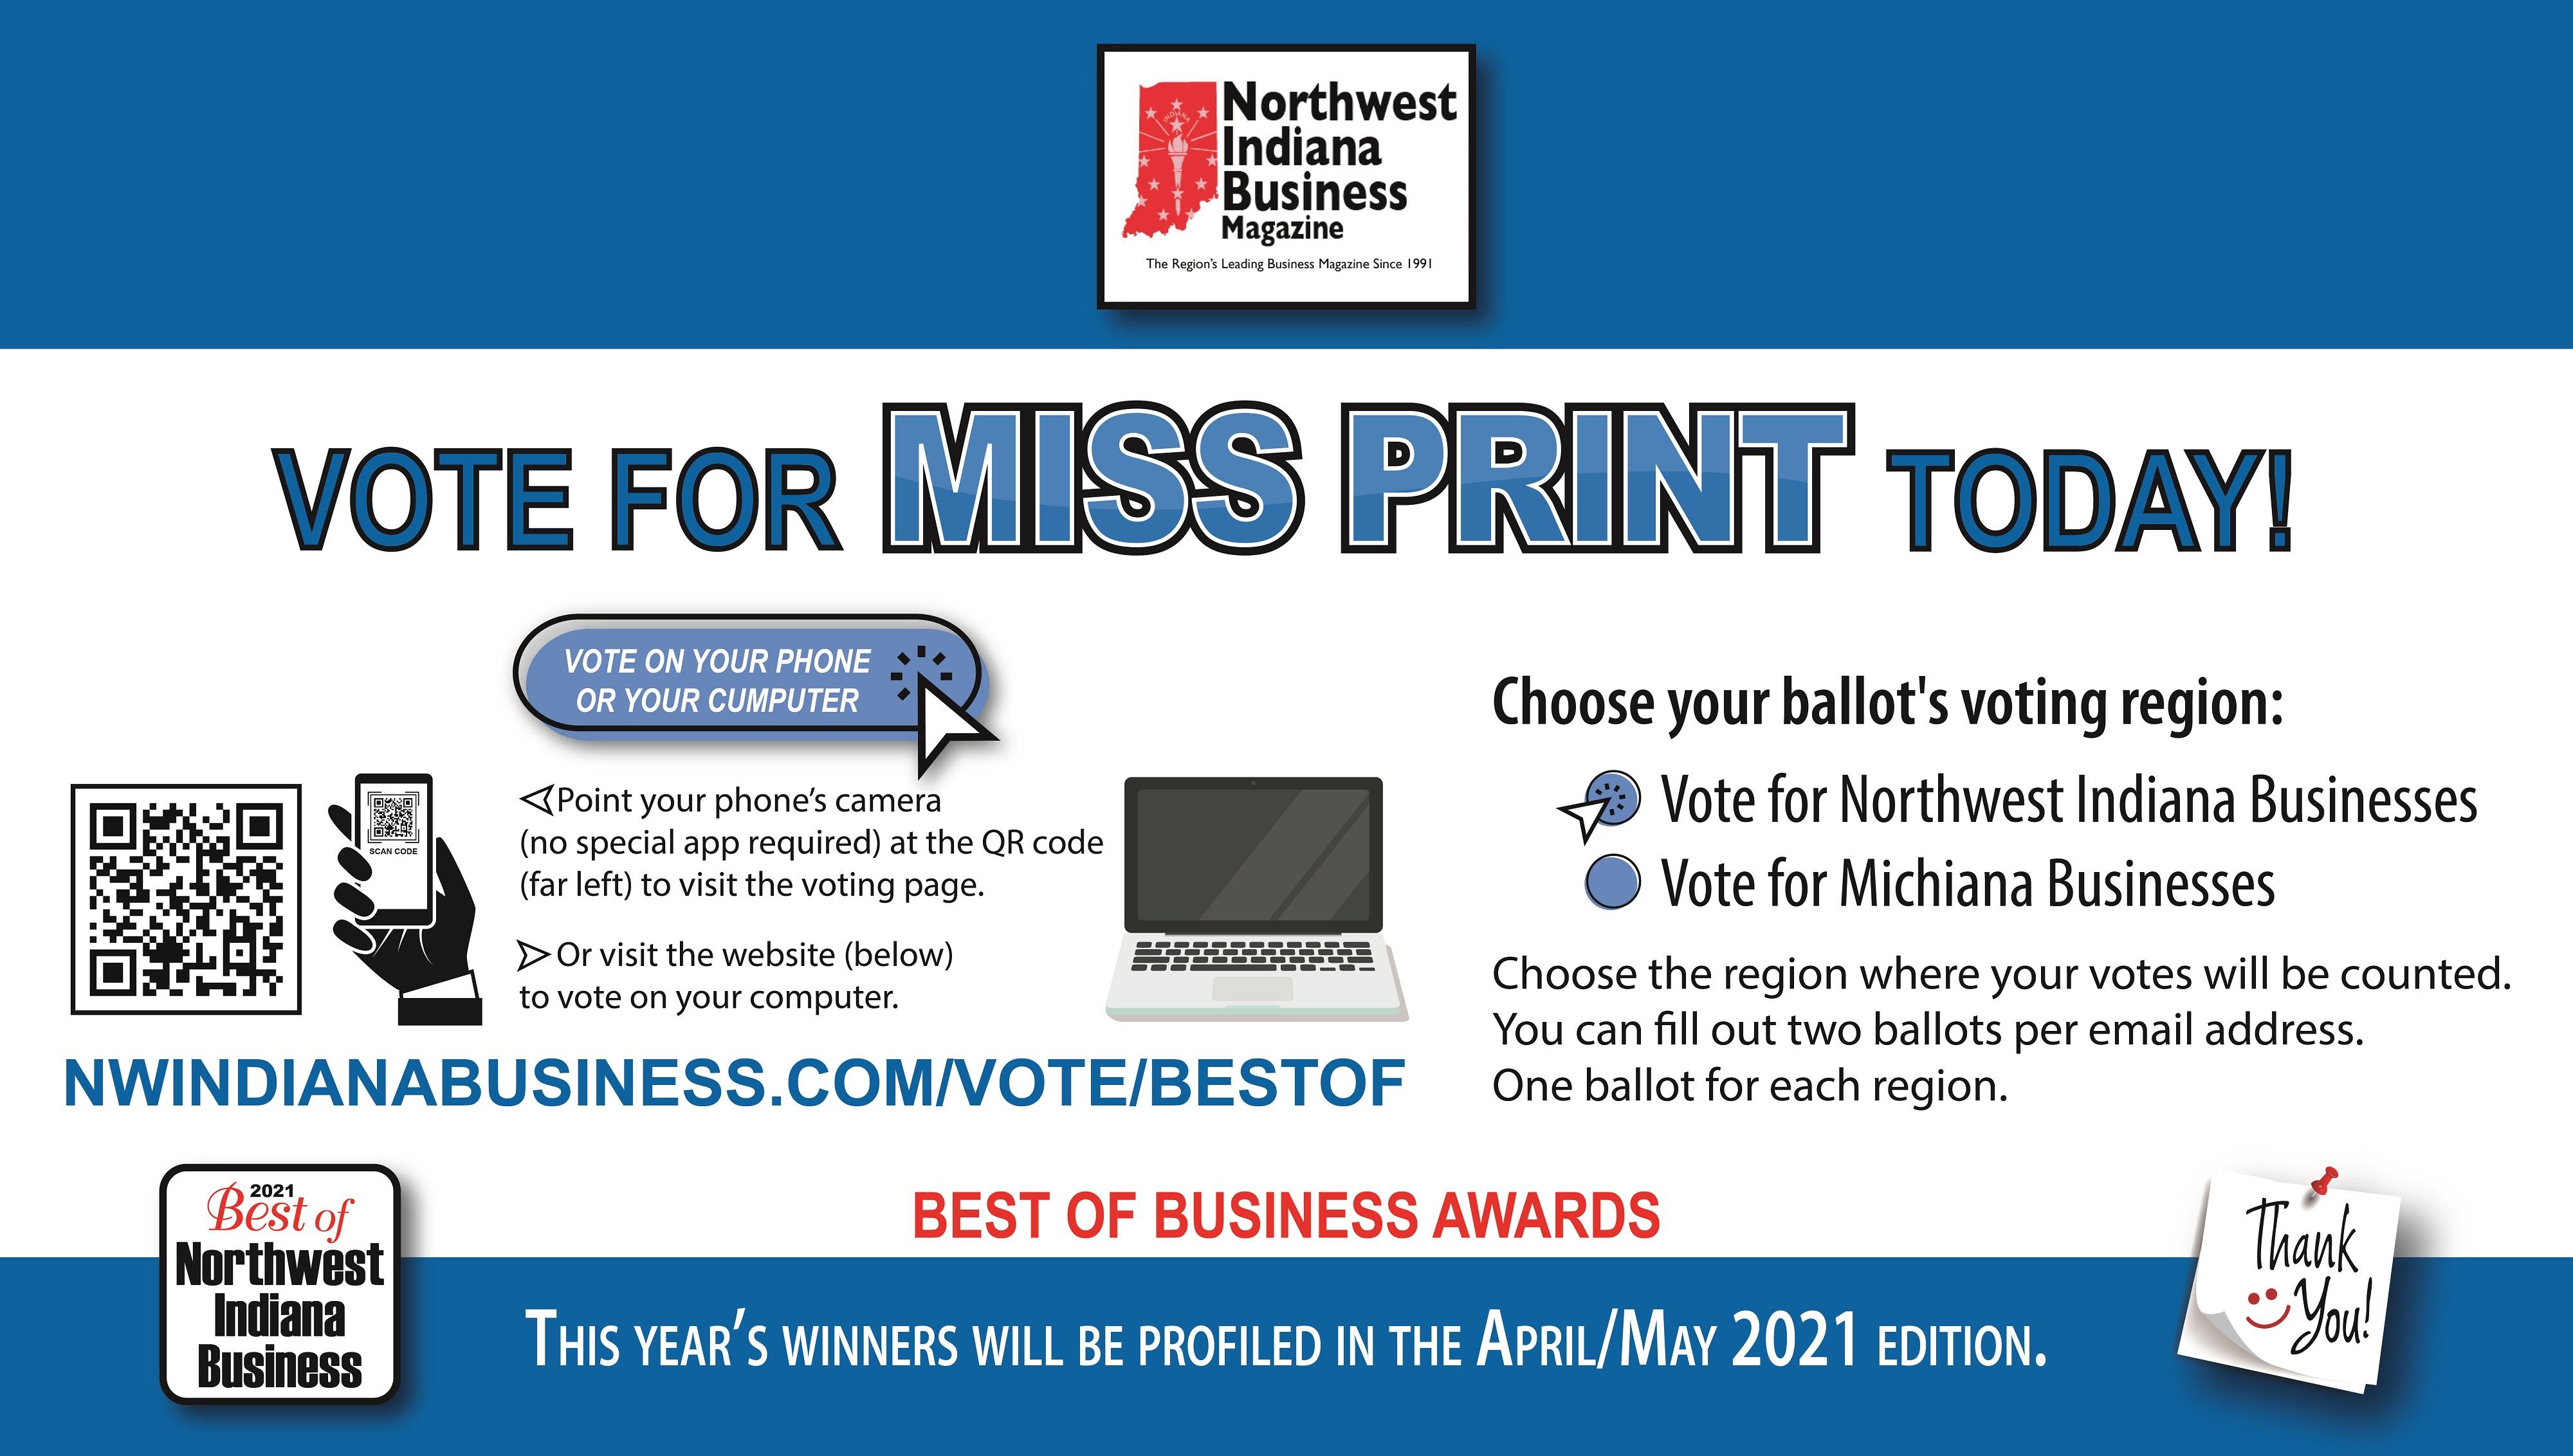 Northwest Indiana Business Vote Big